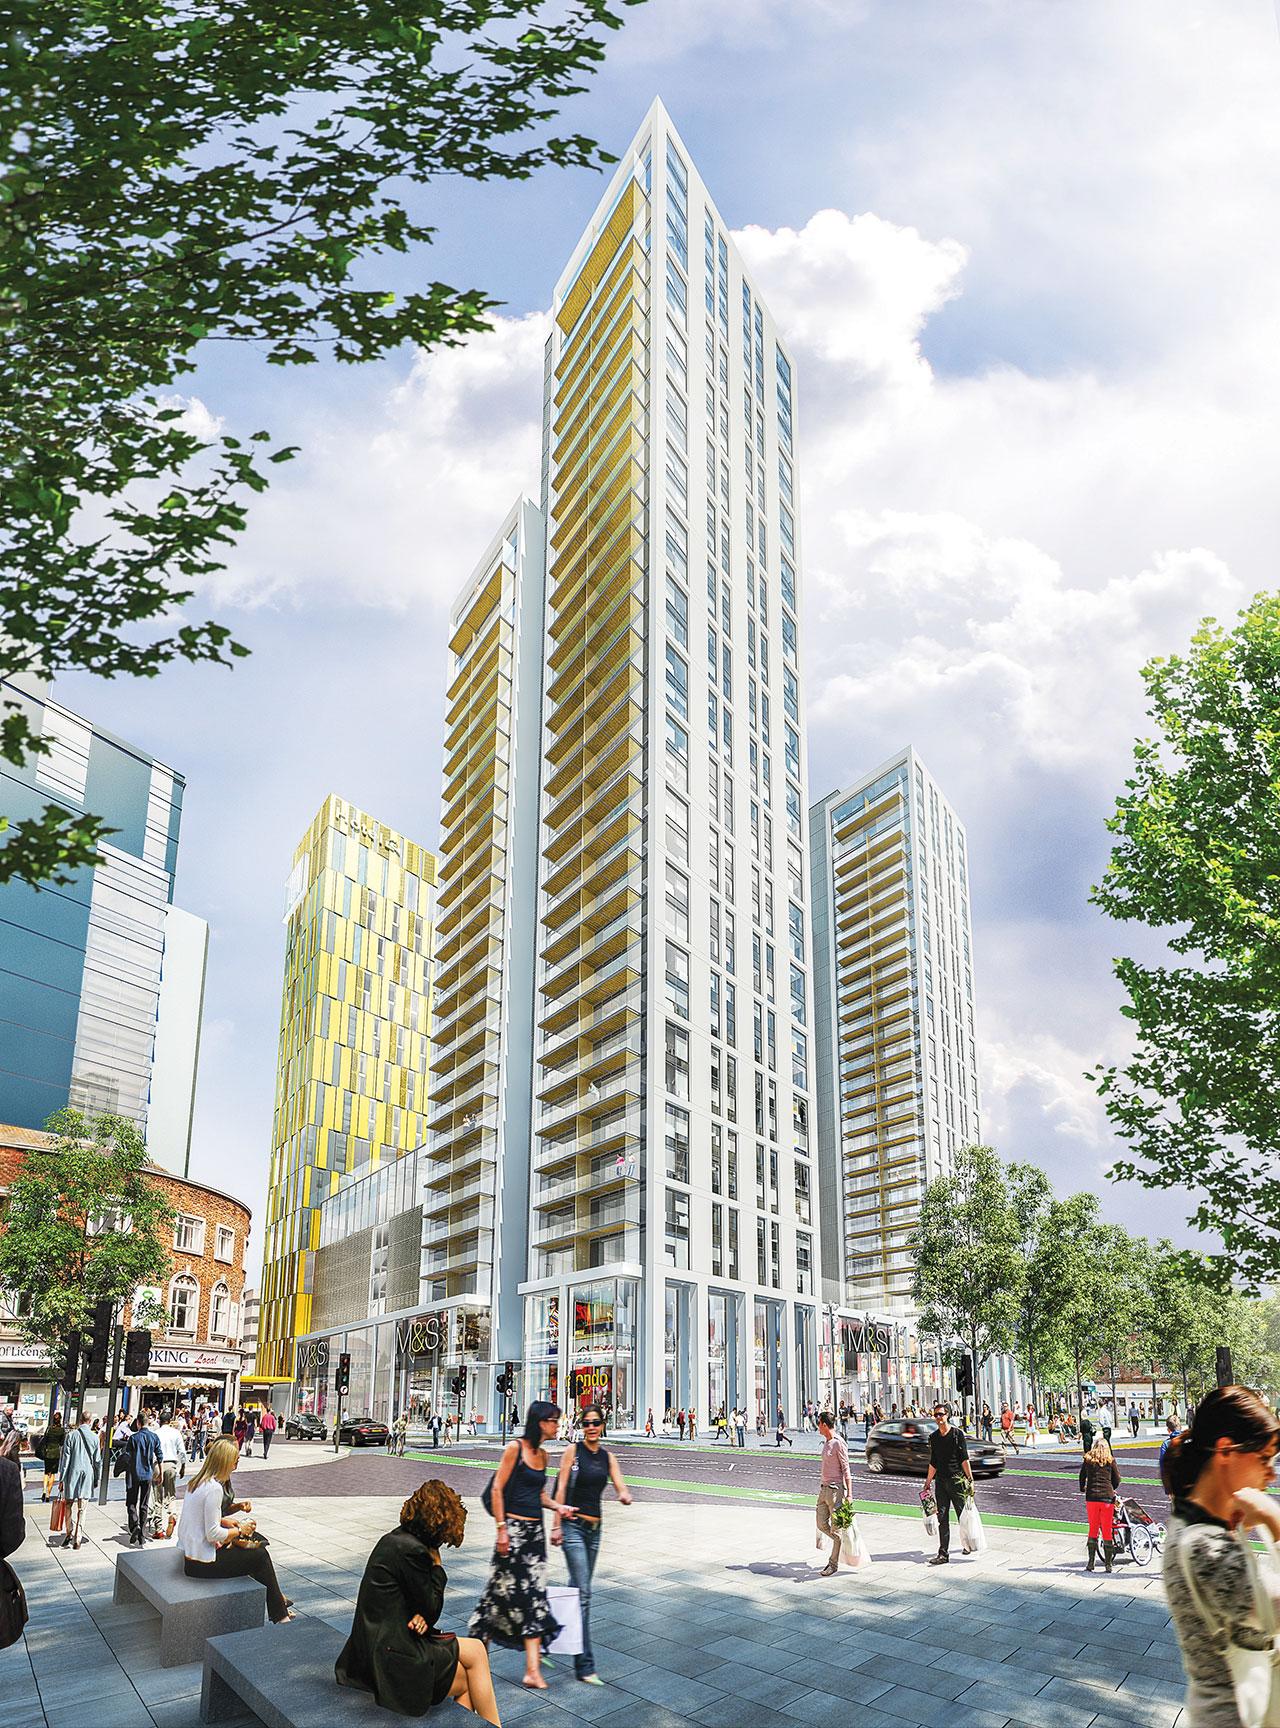 Victoria Square development